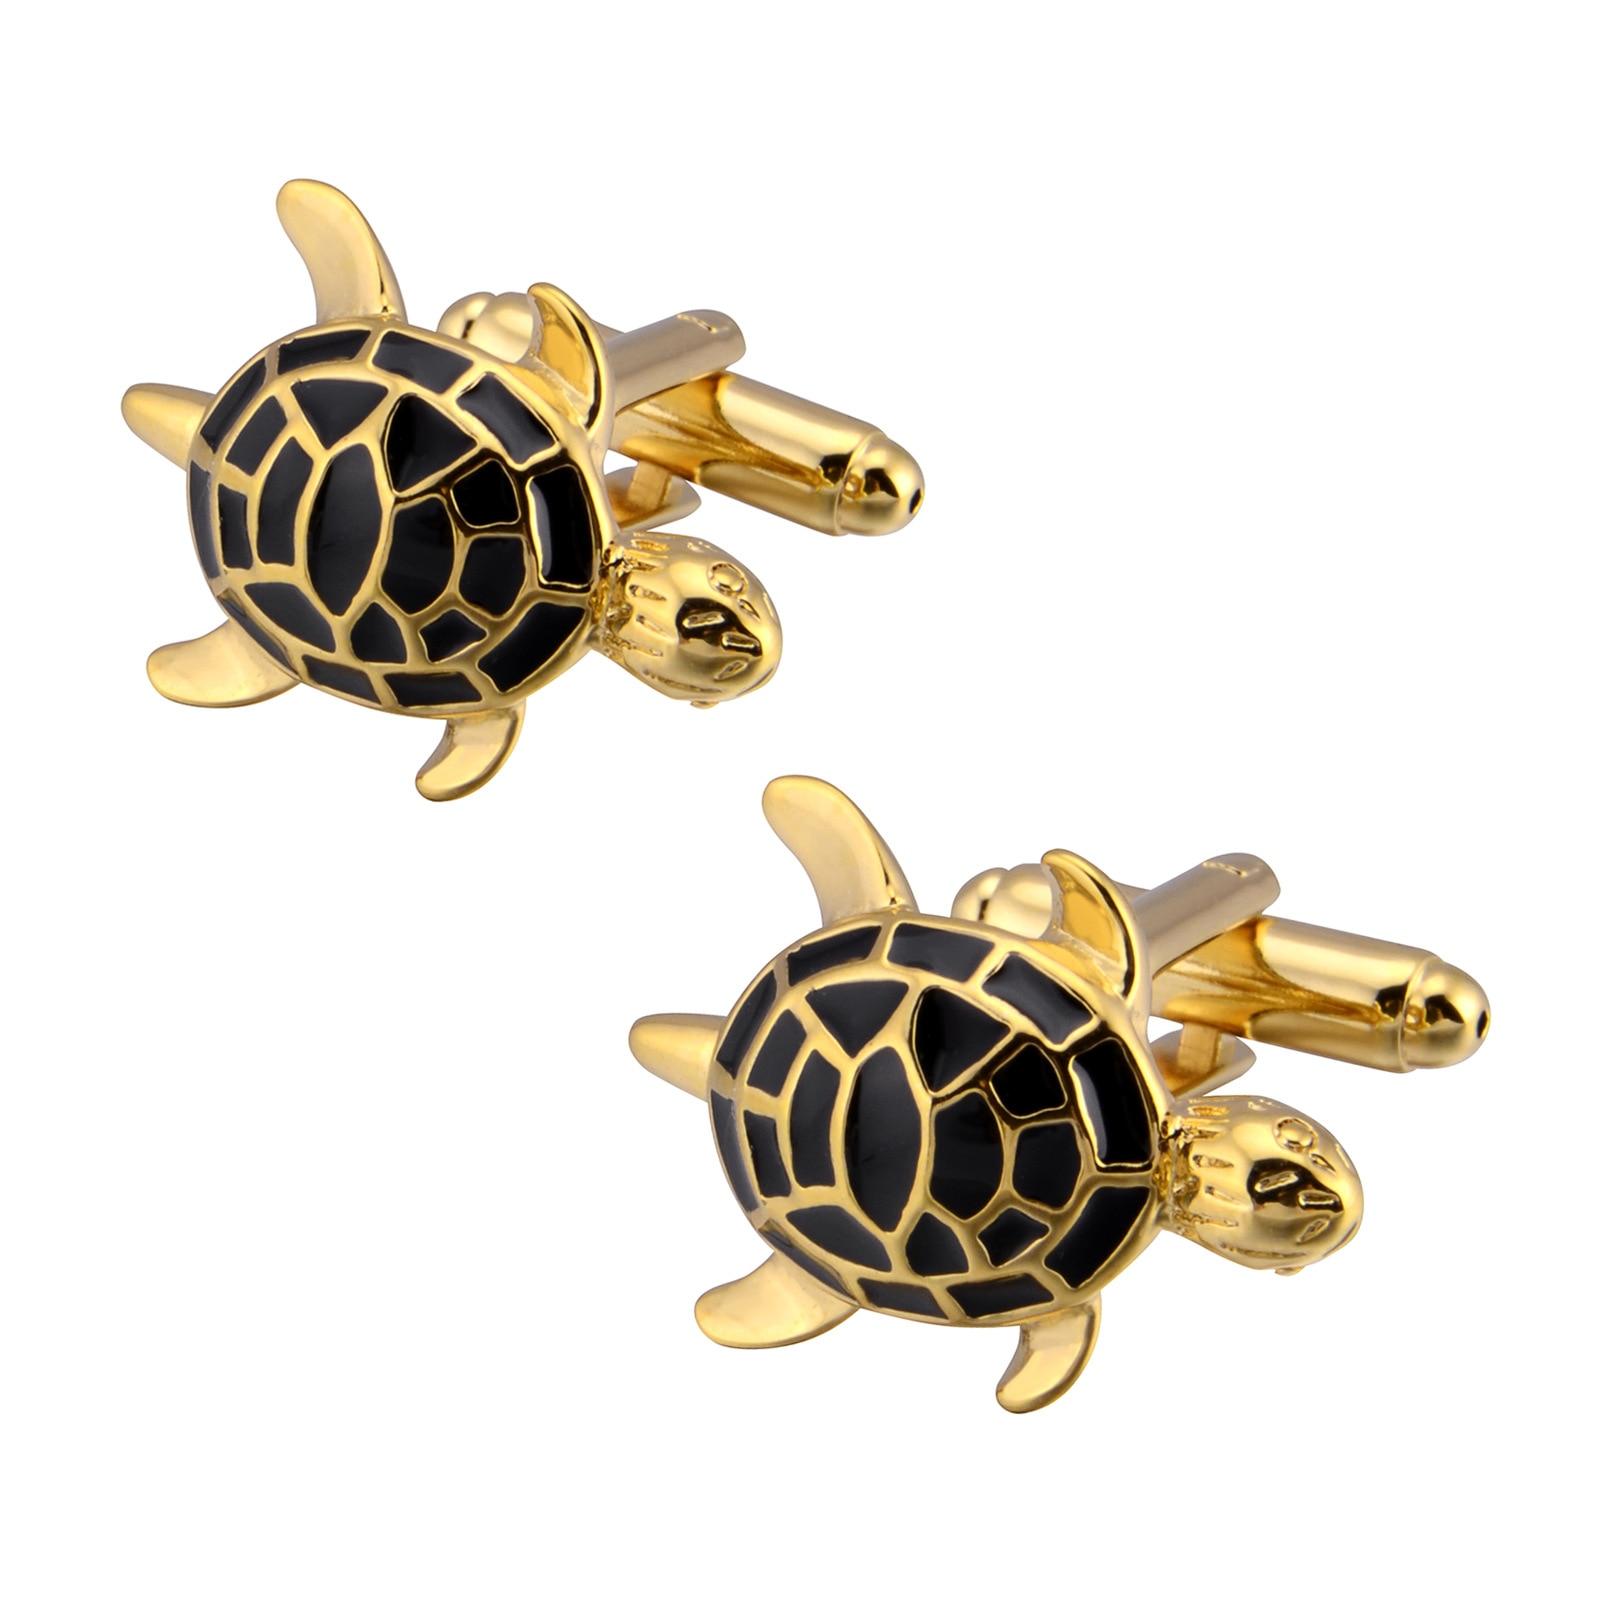 Gemelos tortuga negro oro francés novedad traje de banquete para hombres accesorios de la camisa regalos lindo Animal gemelos joyería